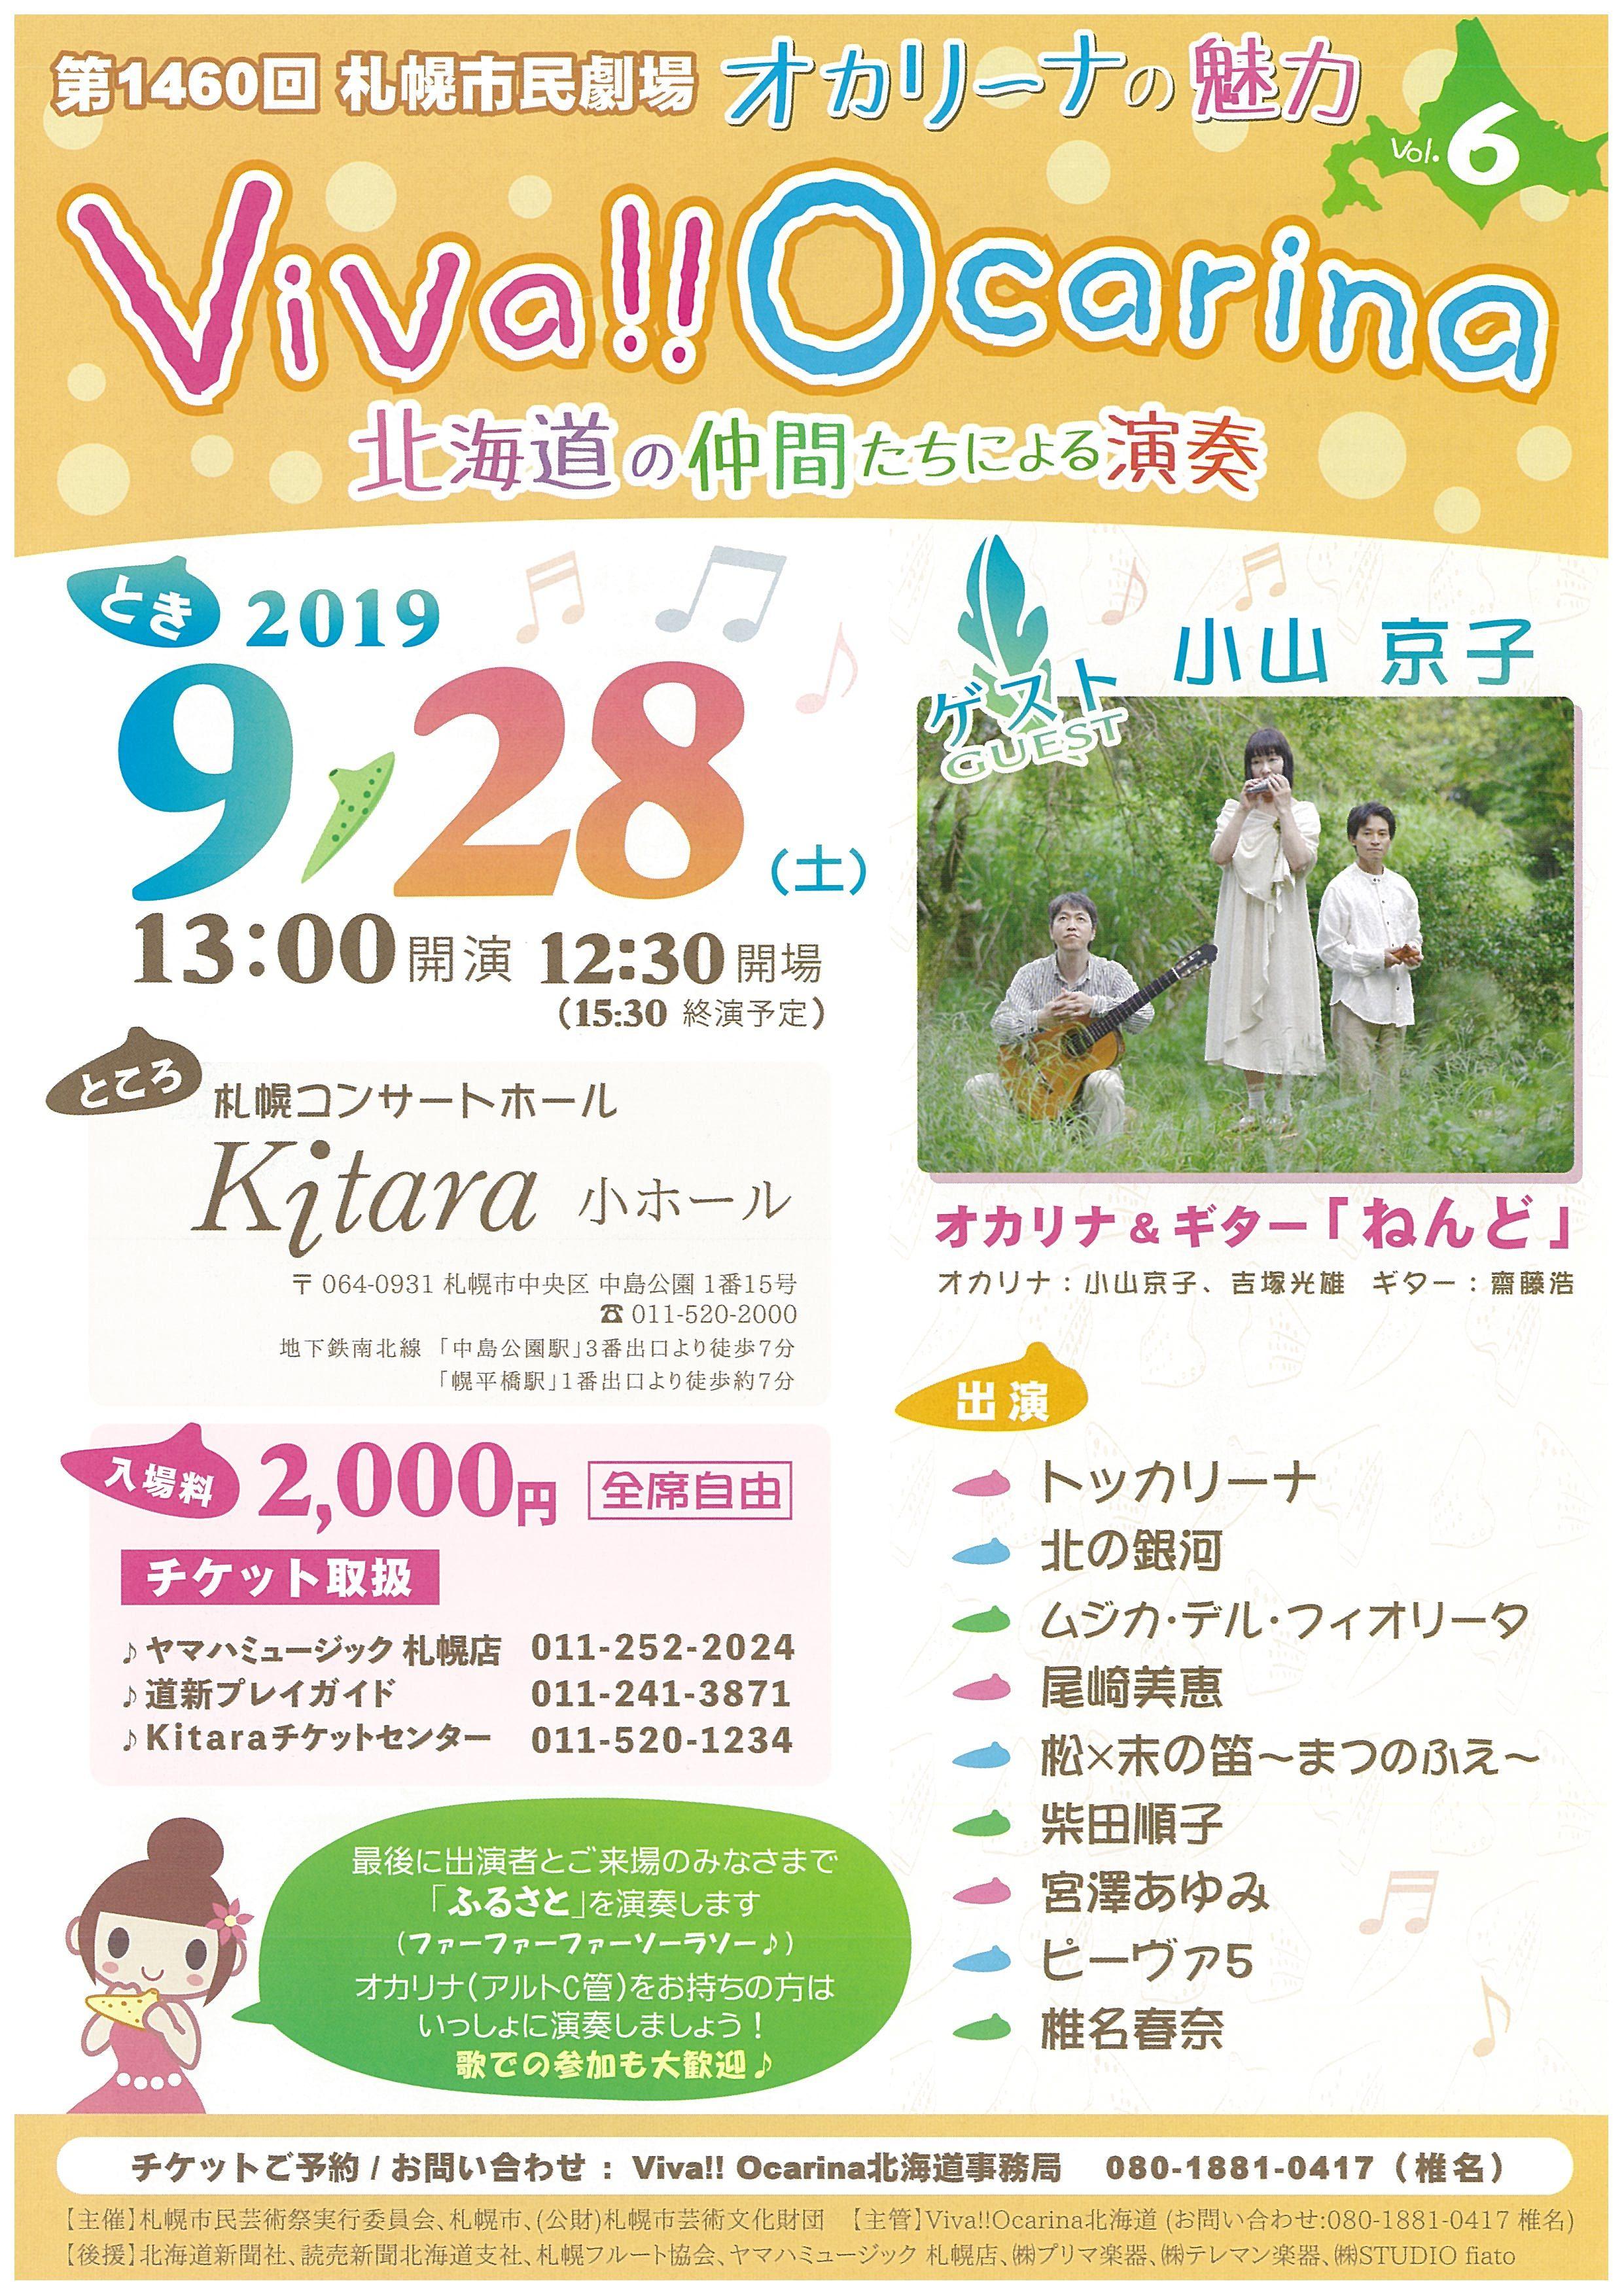 第1460回札幌市民劇場「Viva!!Ocarina 北海道の仲間たちによる演奏」 イメージ画像